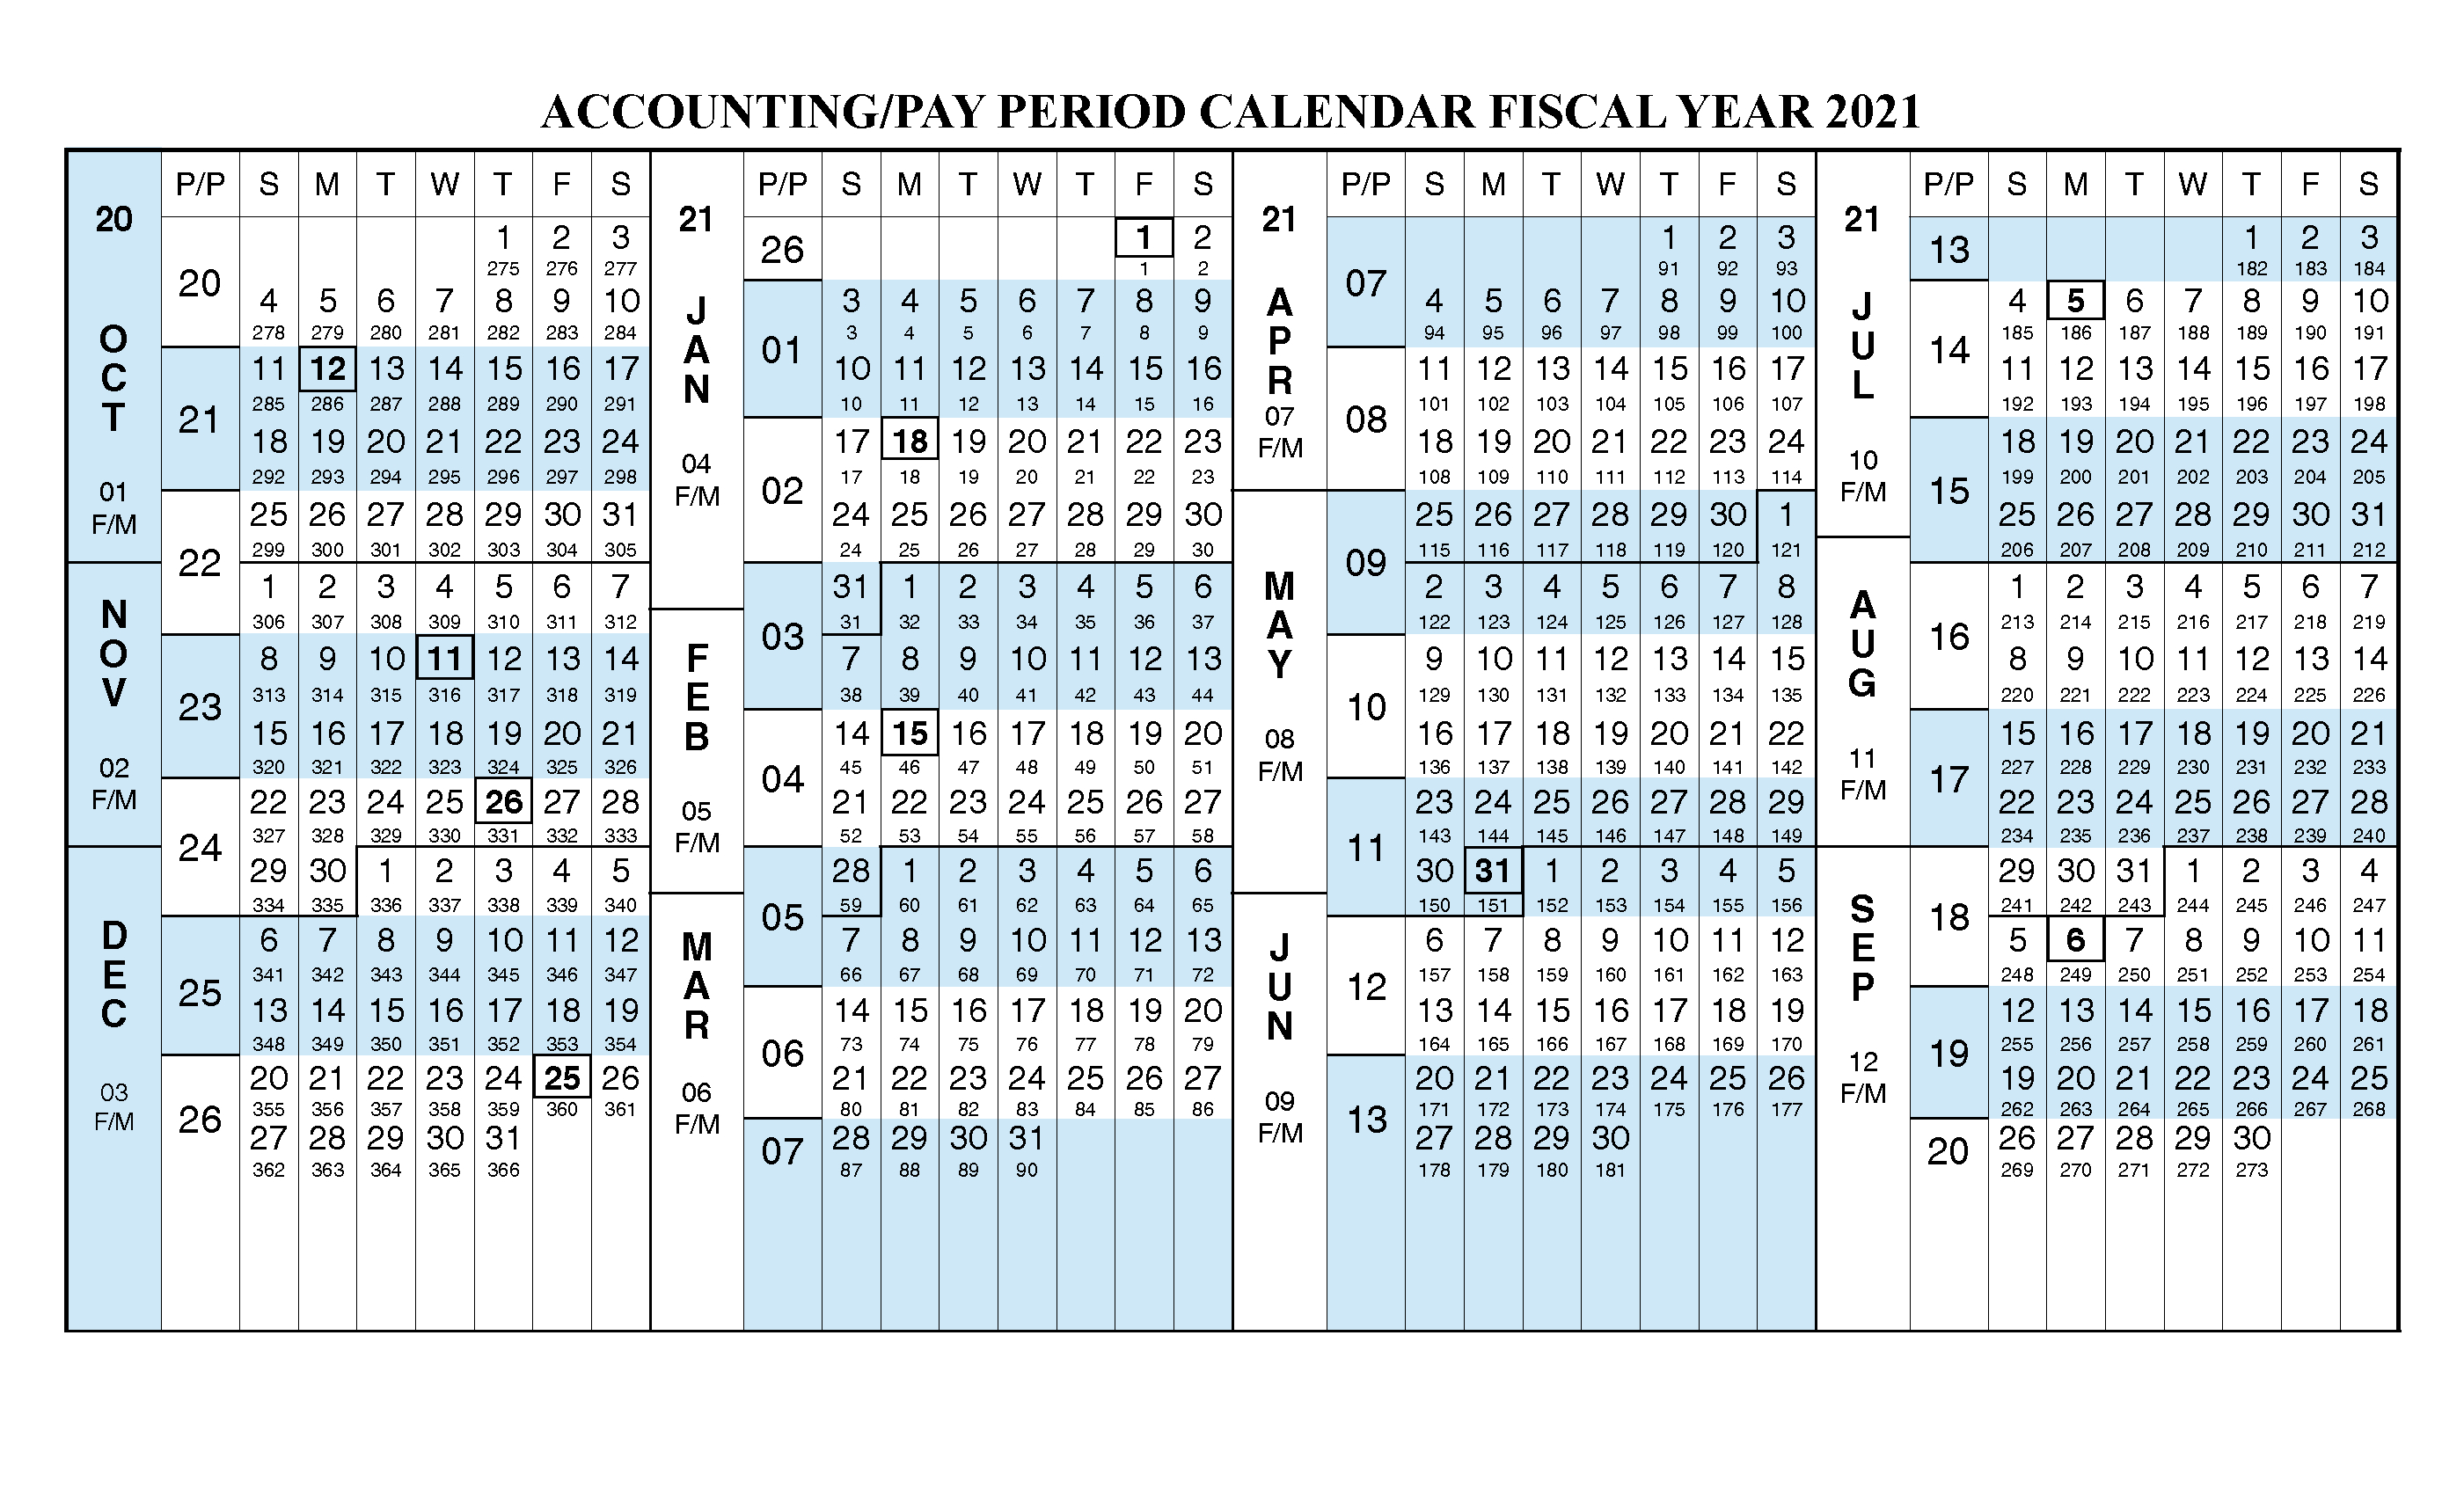 Payroll Calendar 2021 Fiscal Year Calendar [ Oct 2020 - Sep